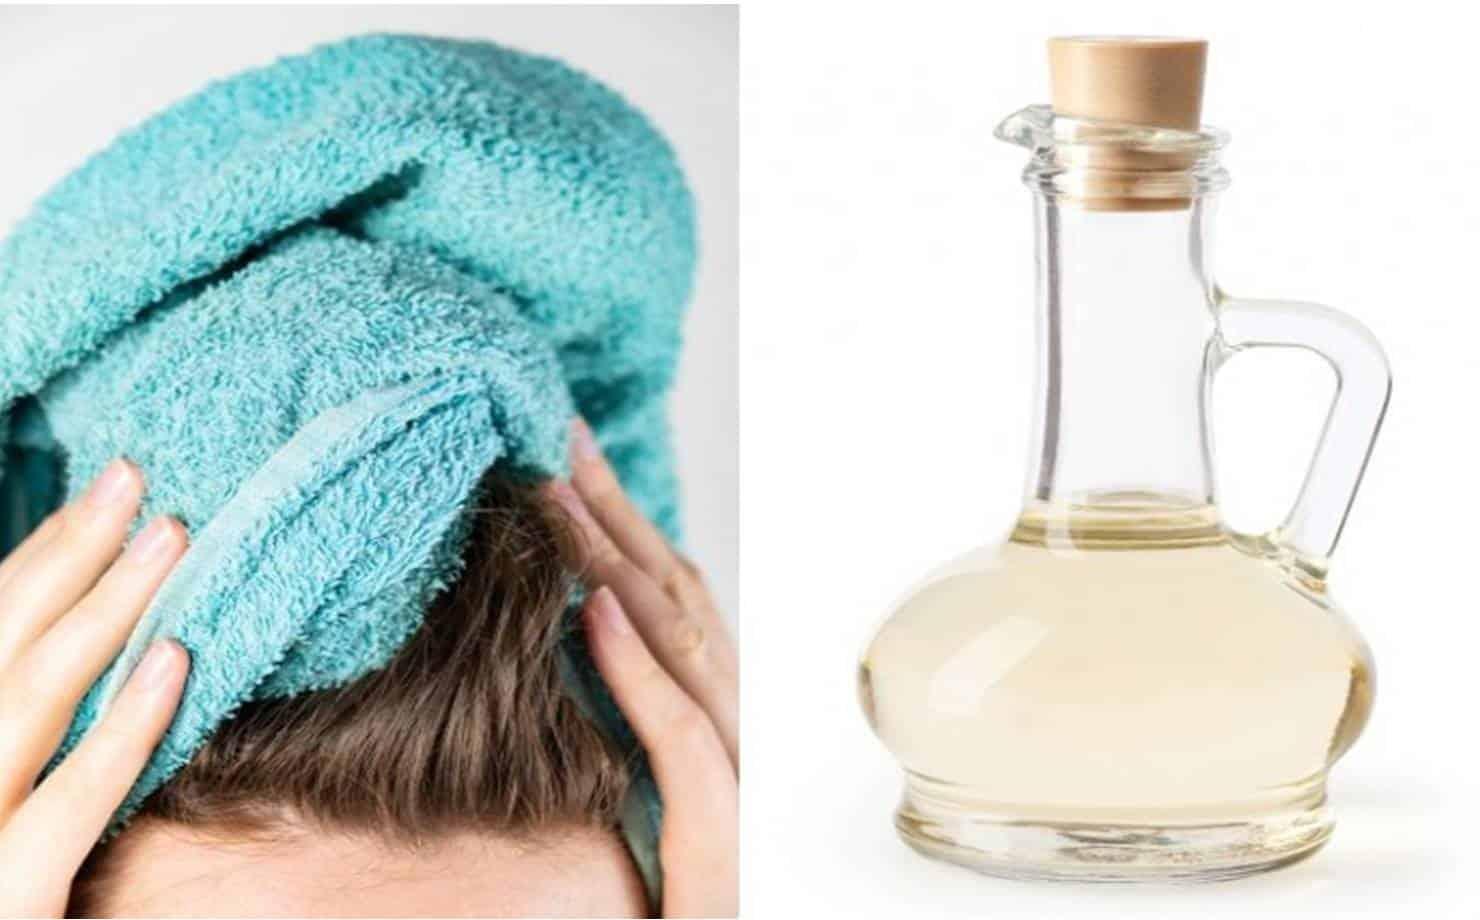 Como remover manchas de tintura de cabelo das toalhas